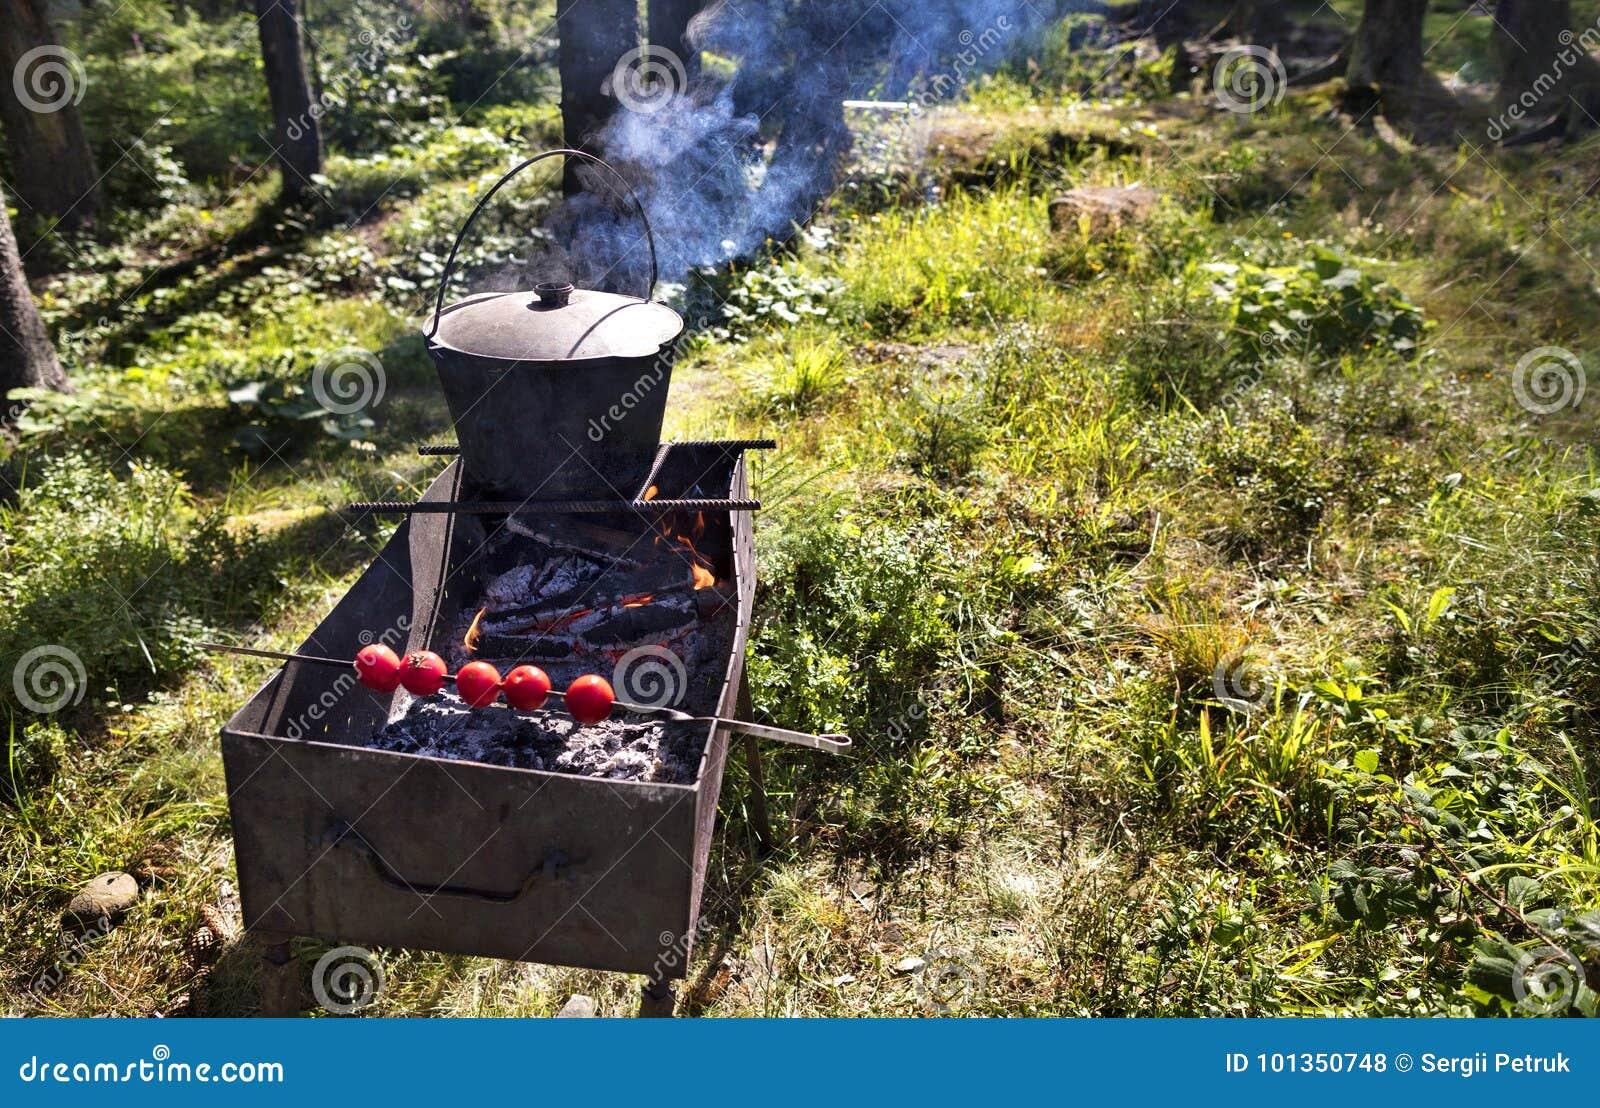 No caldeirão velho no assado que cozinha o papa de aveia contra um esclarecimento da floresta no meio-dia